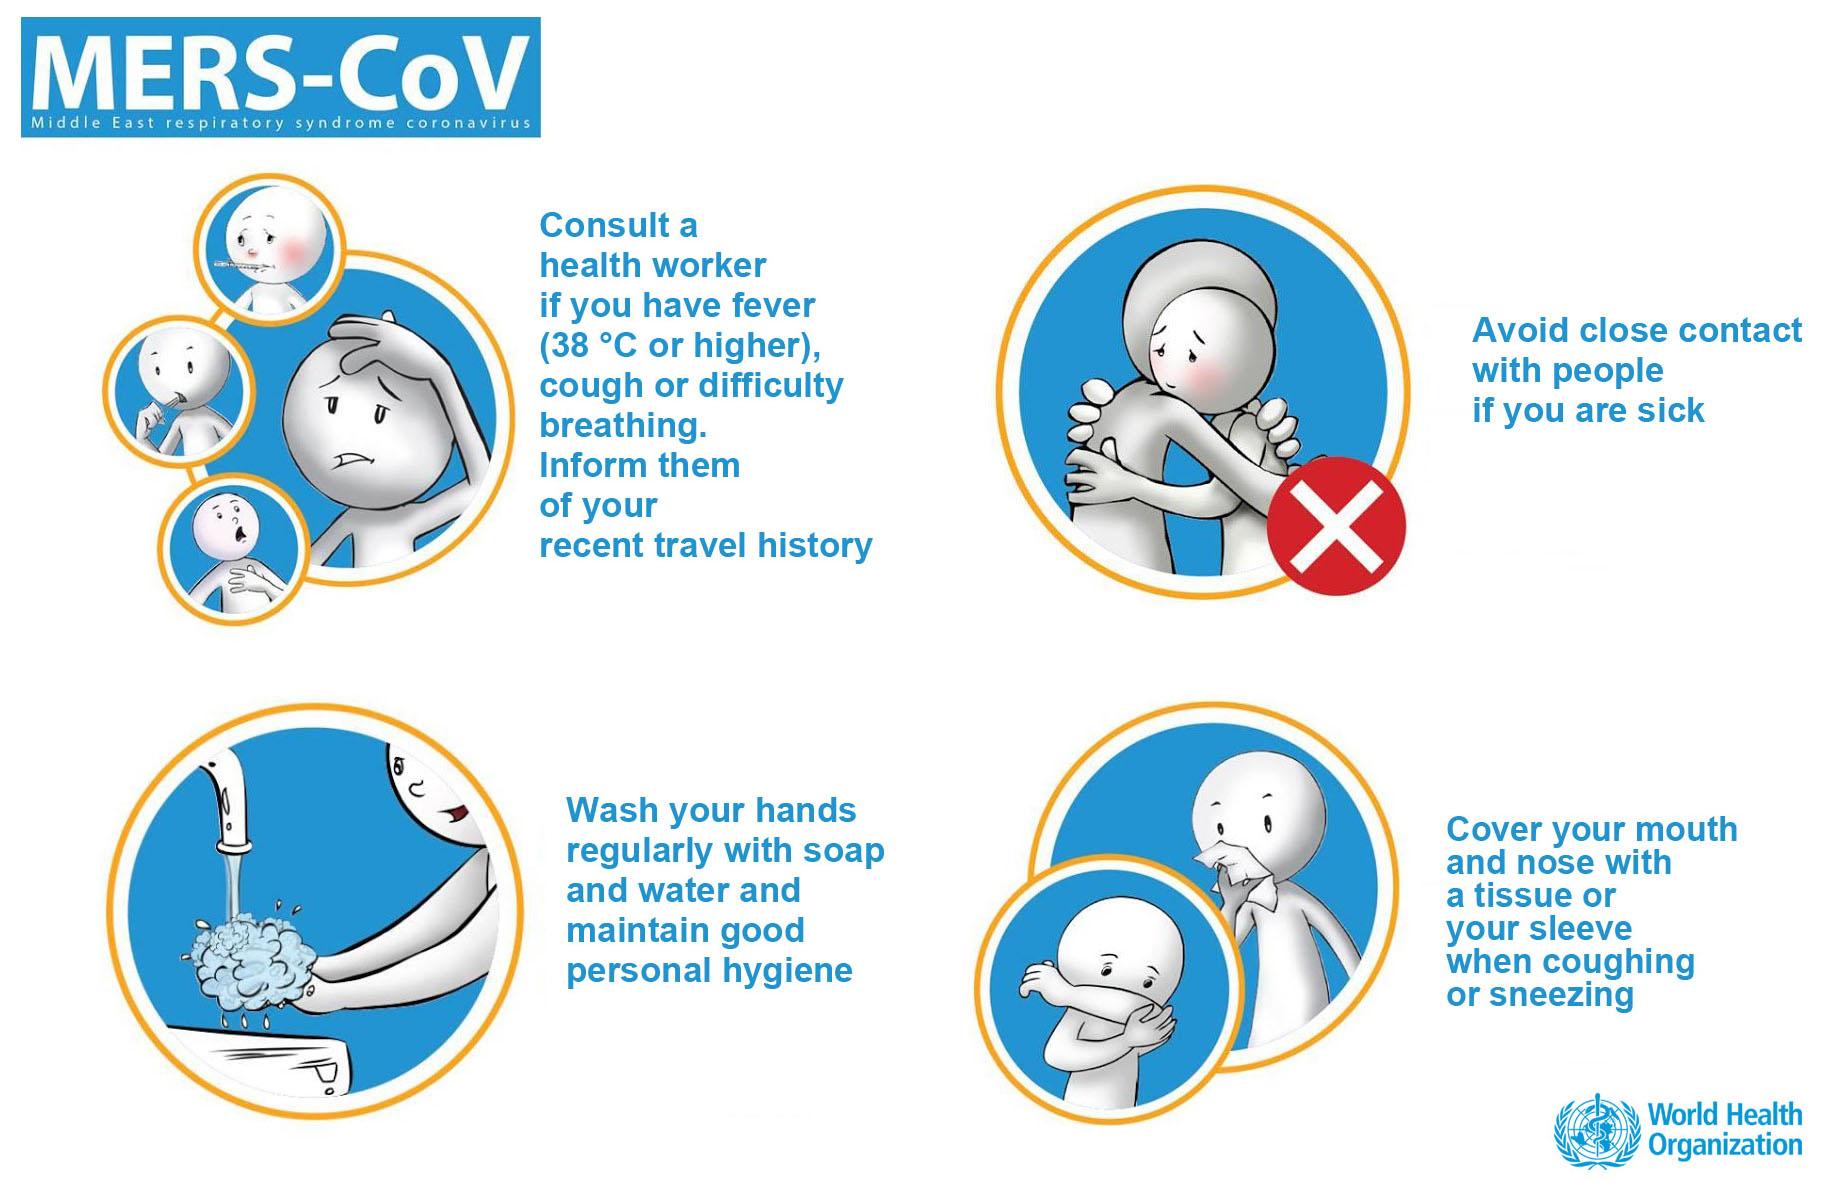 mers cov coronavirus